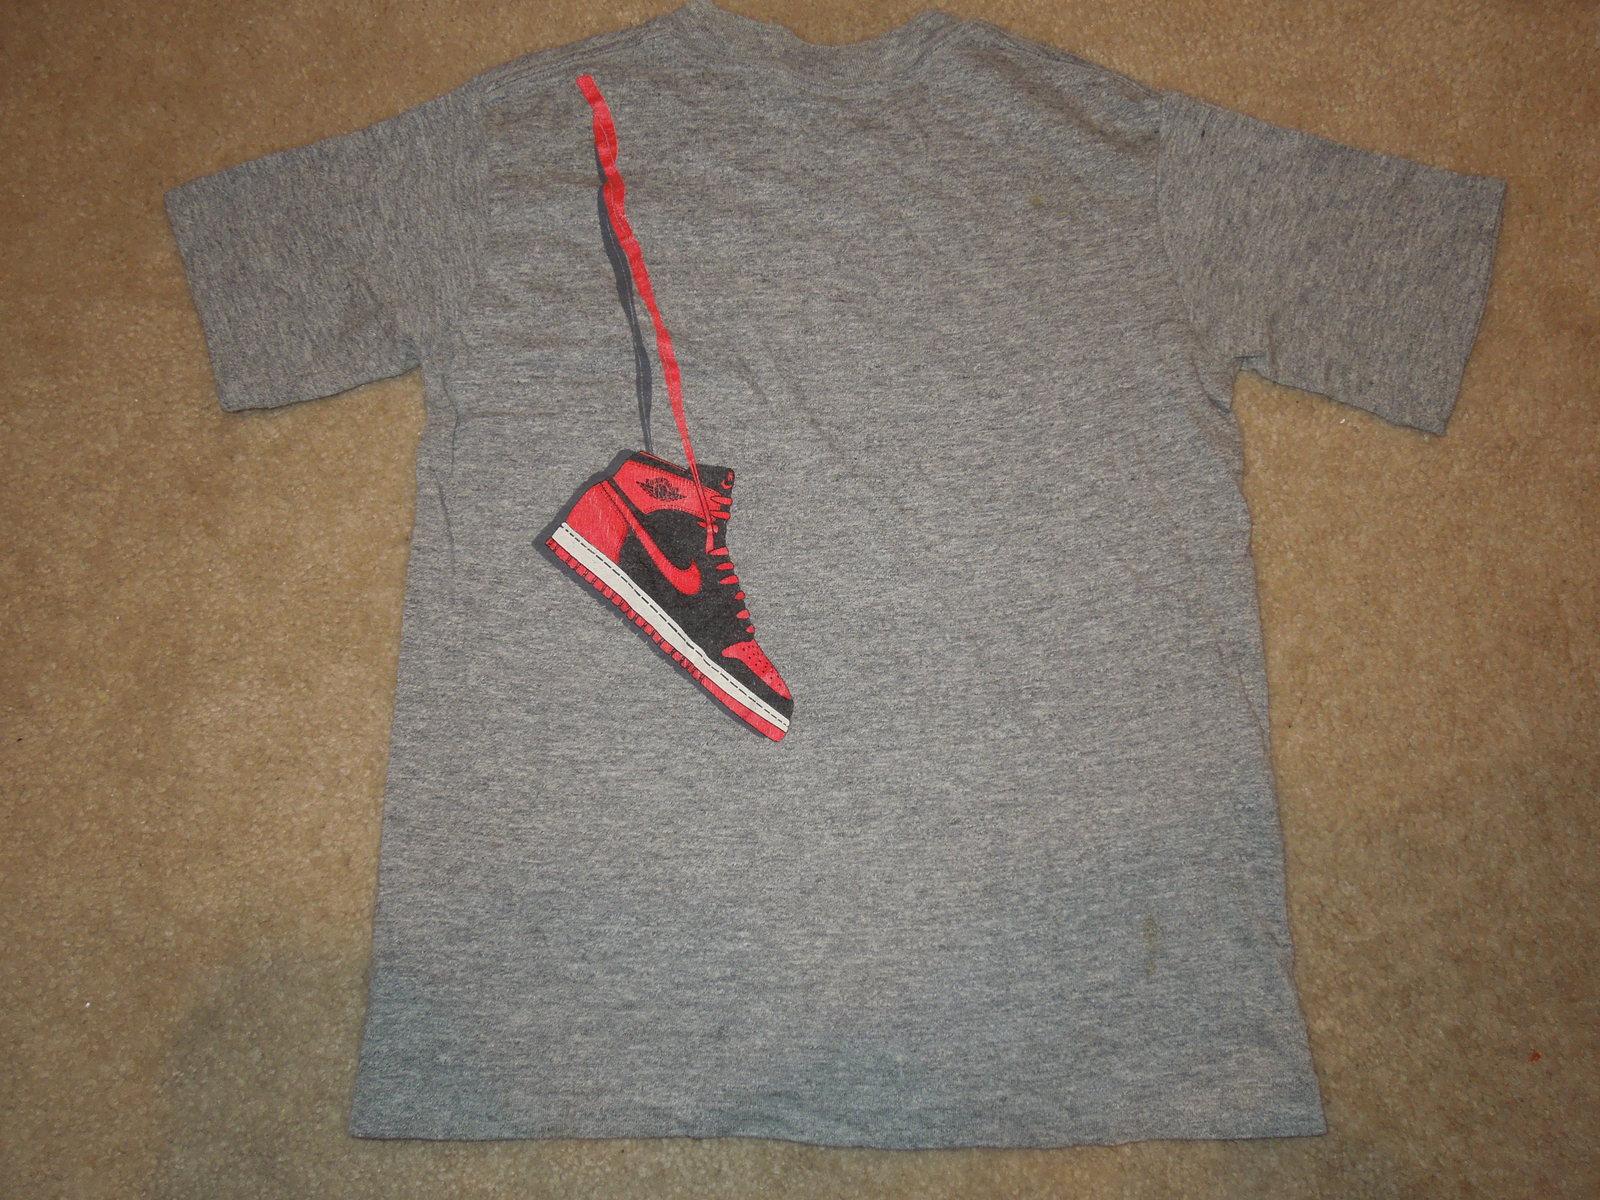 985fca0980e8 Dscn3434. Dscn3434. Previous. Vintage Retro 80 s Blue Tag Air Jordan Nike T-Shirt  Size L. Vintage Retro 80 s ...